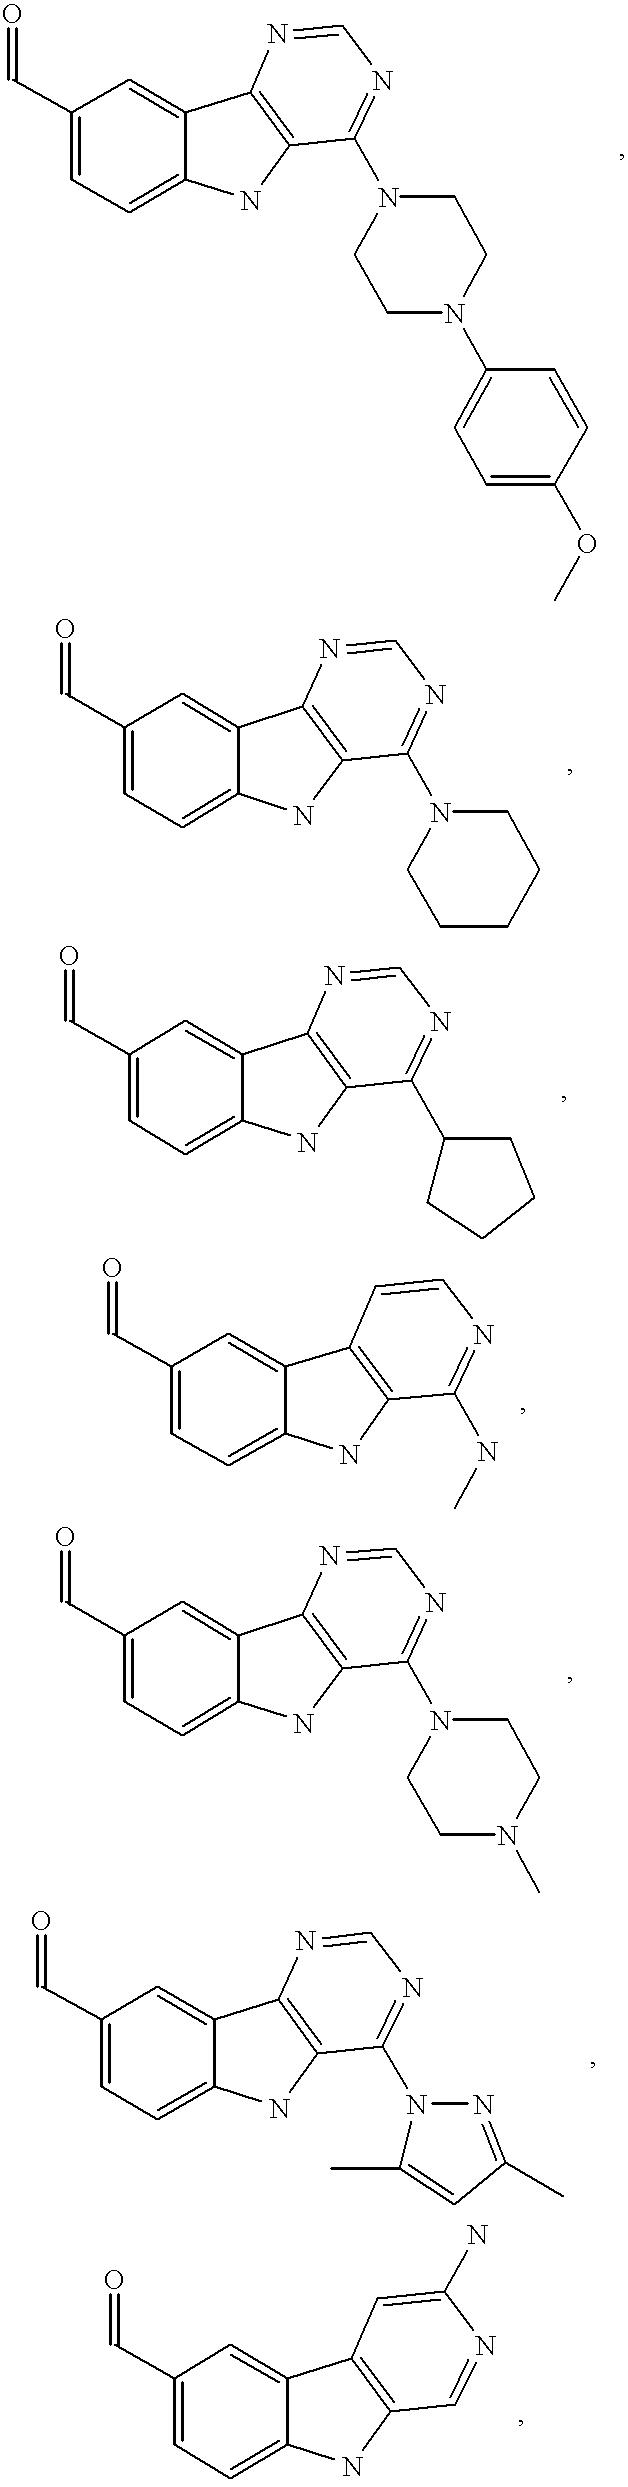 Figure US06514981-20030204-C00068